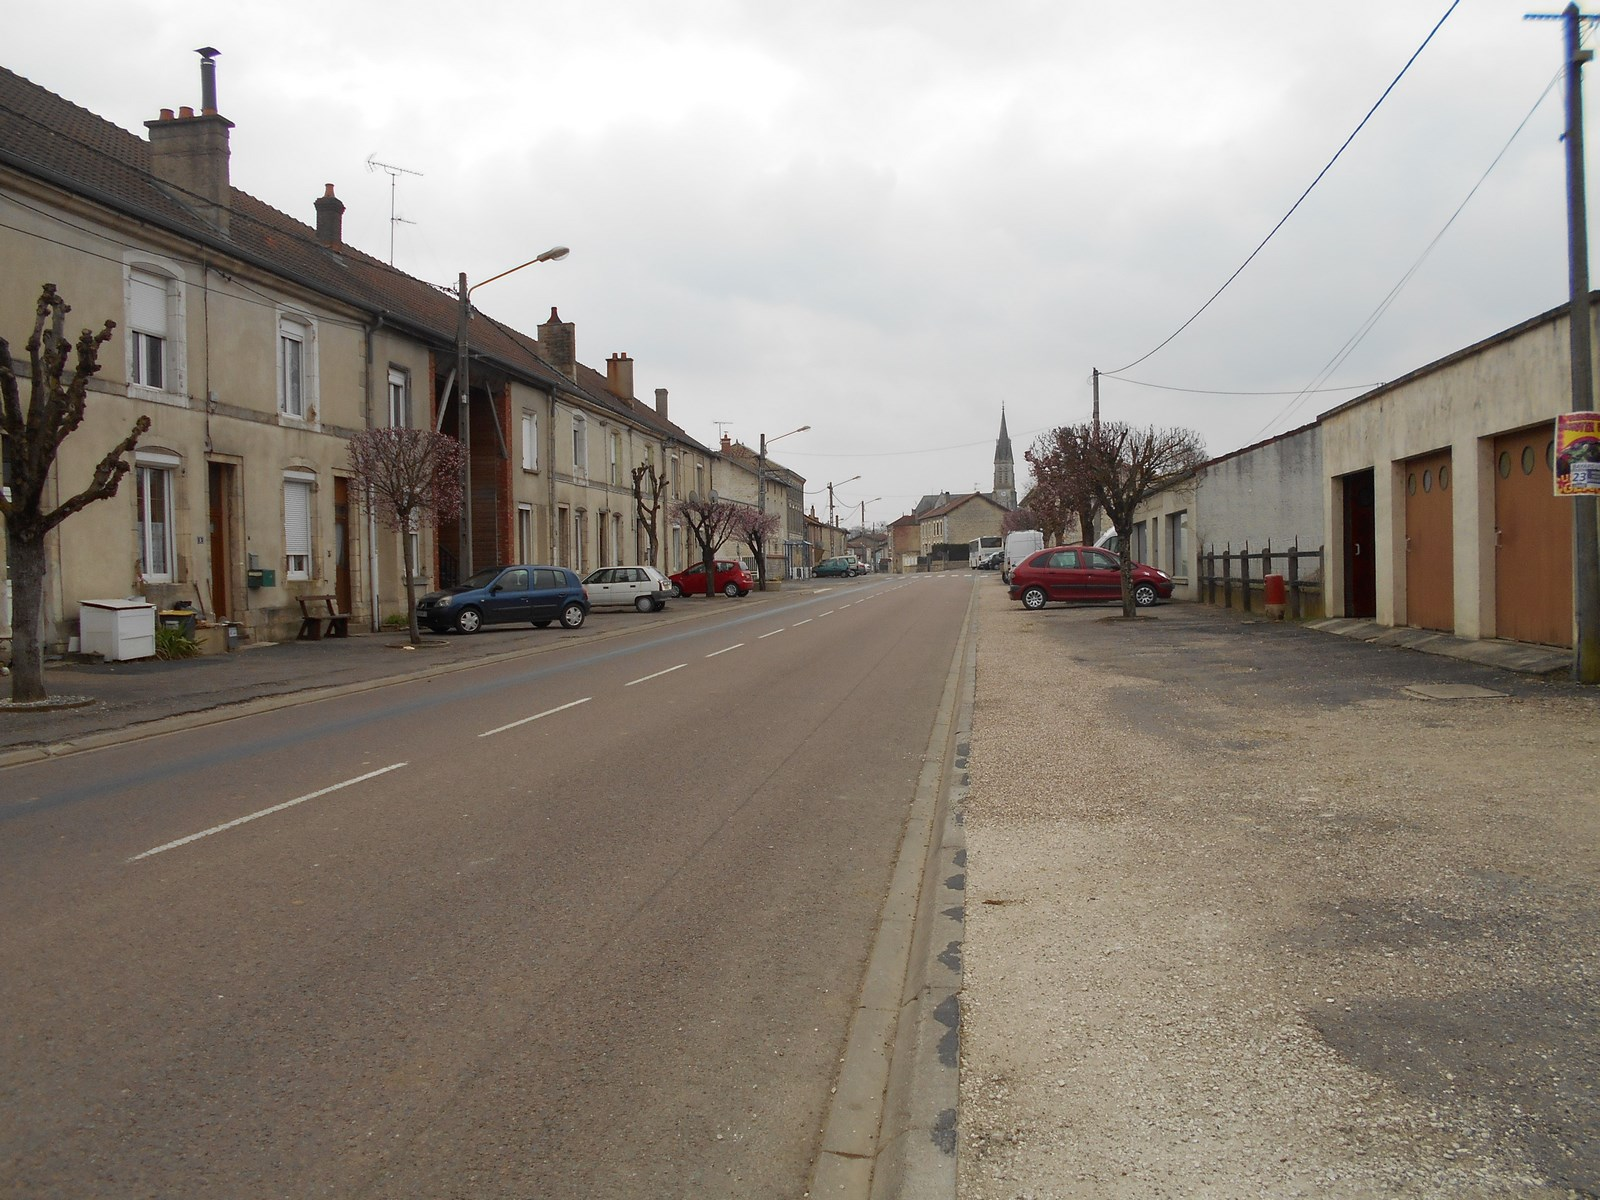 Grande rue d eurville eurville bienville for Eurville bienville